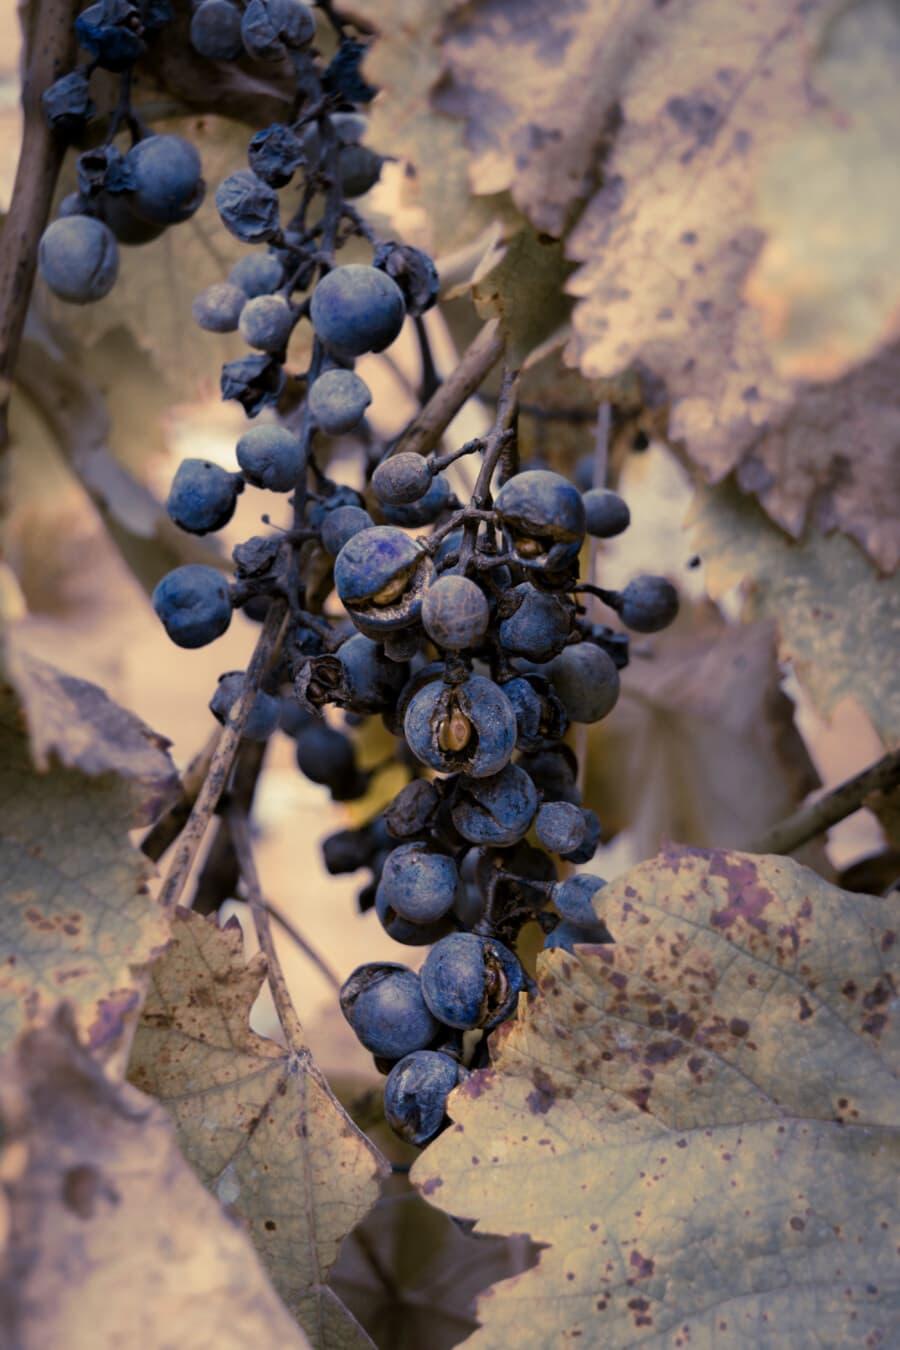 Weinrebe, Trockenzeit, Blau, Obst, Trauben, Landwirtschaft, des ländlichen Raums, Natur, Weingut, Traube